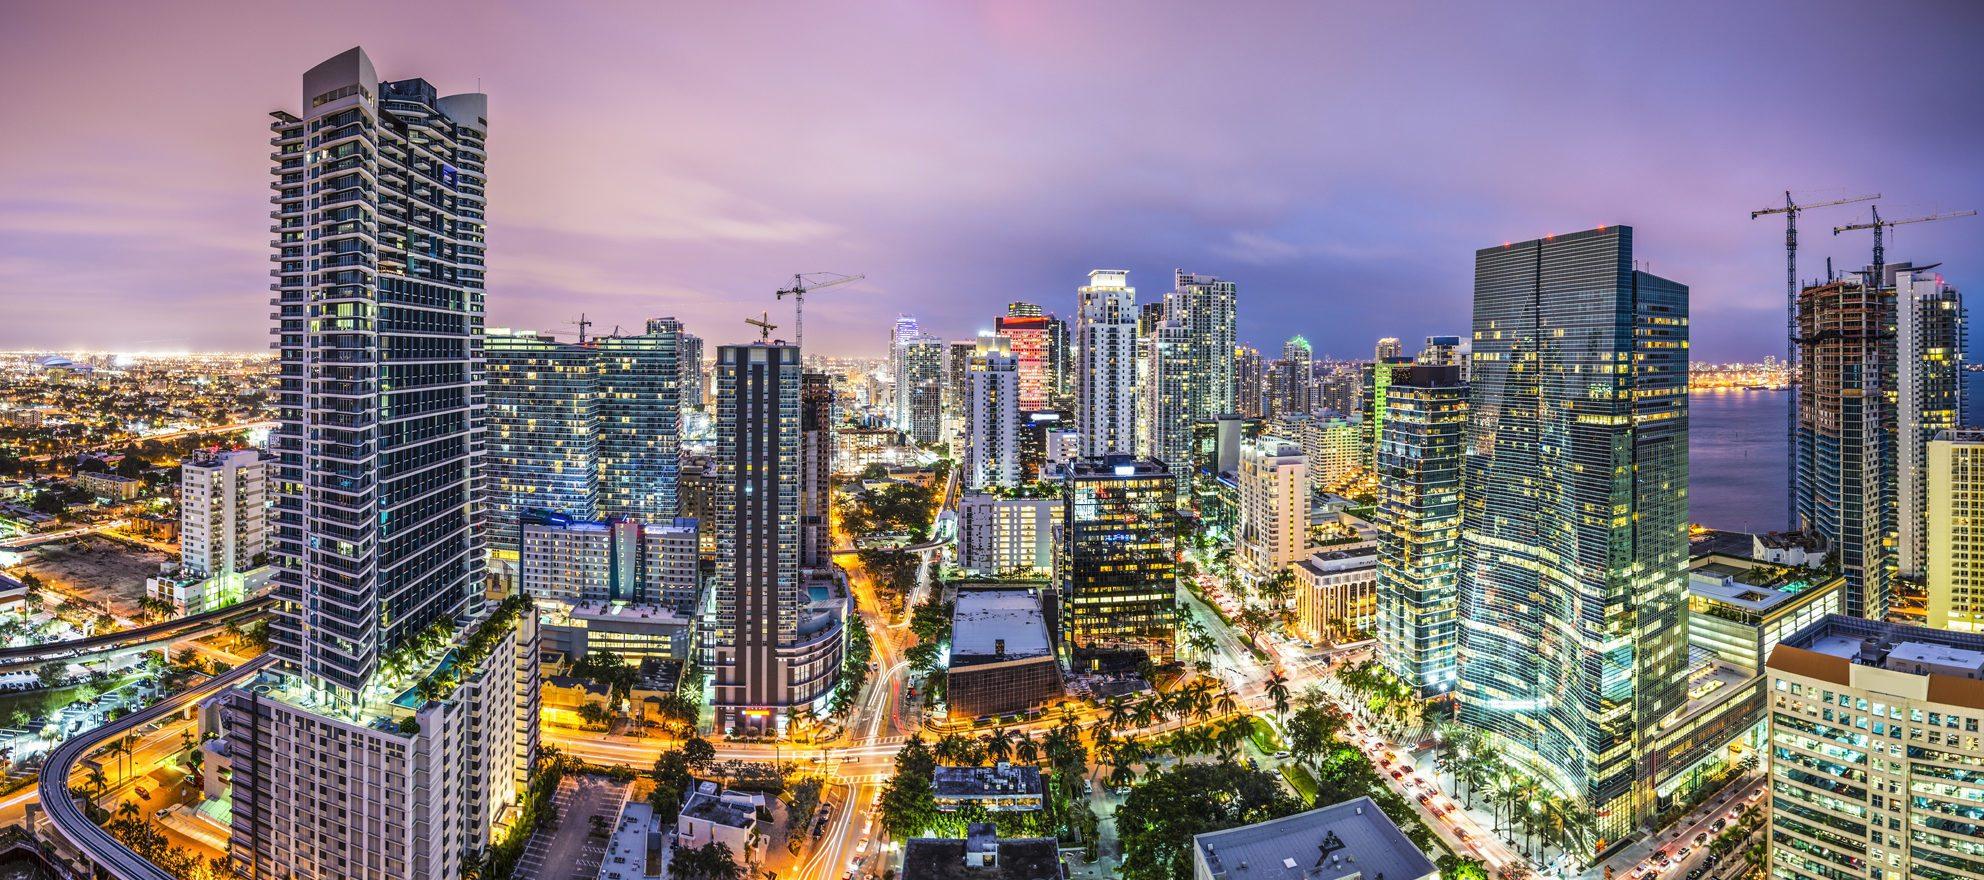 Miami brokerage